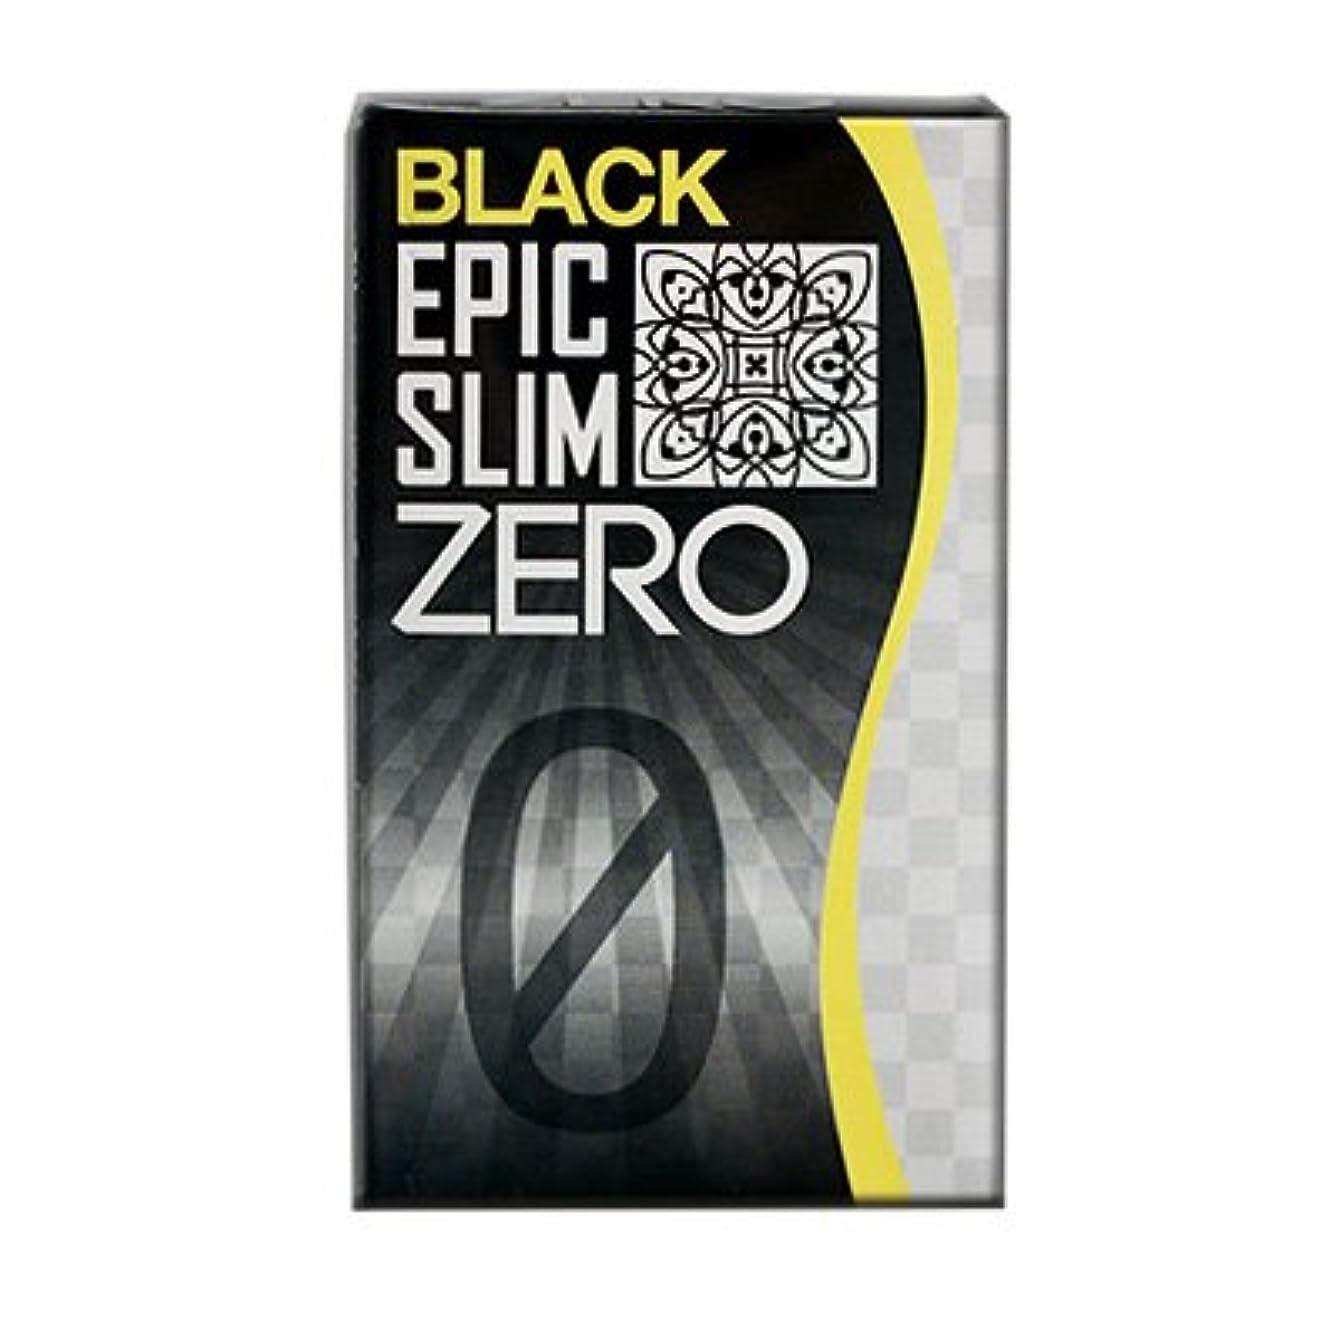 注釈を付ける粒干渉ブラック エピックスリム ゼロ ブラック Epic Slim ZERO BLACK